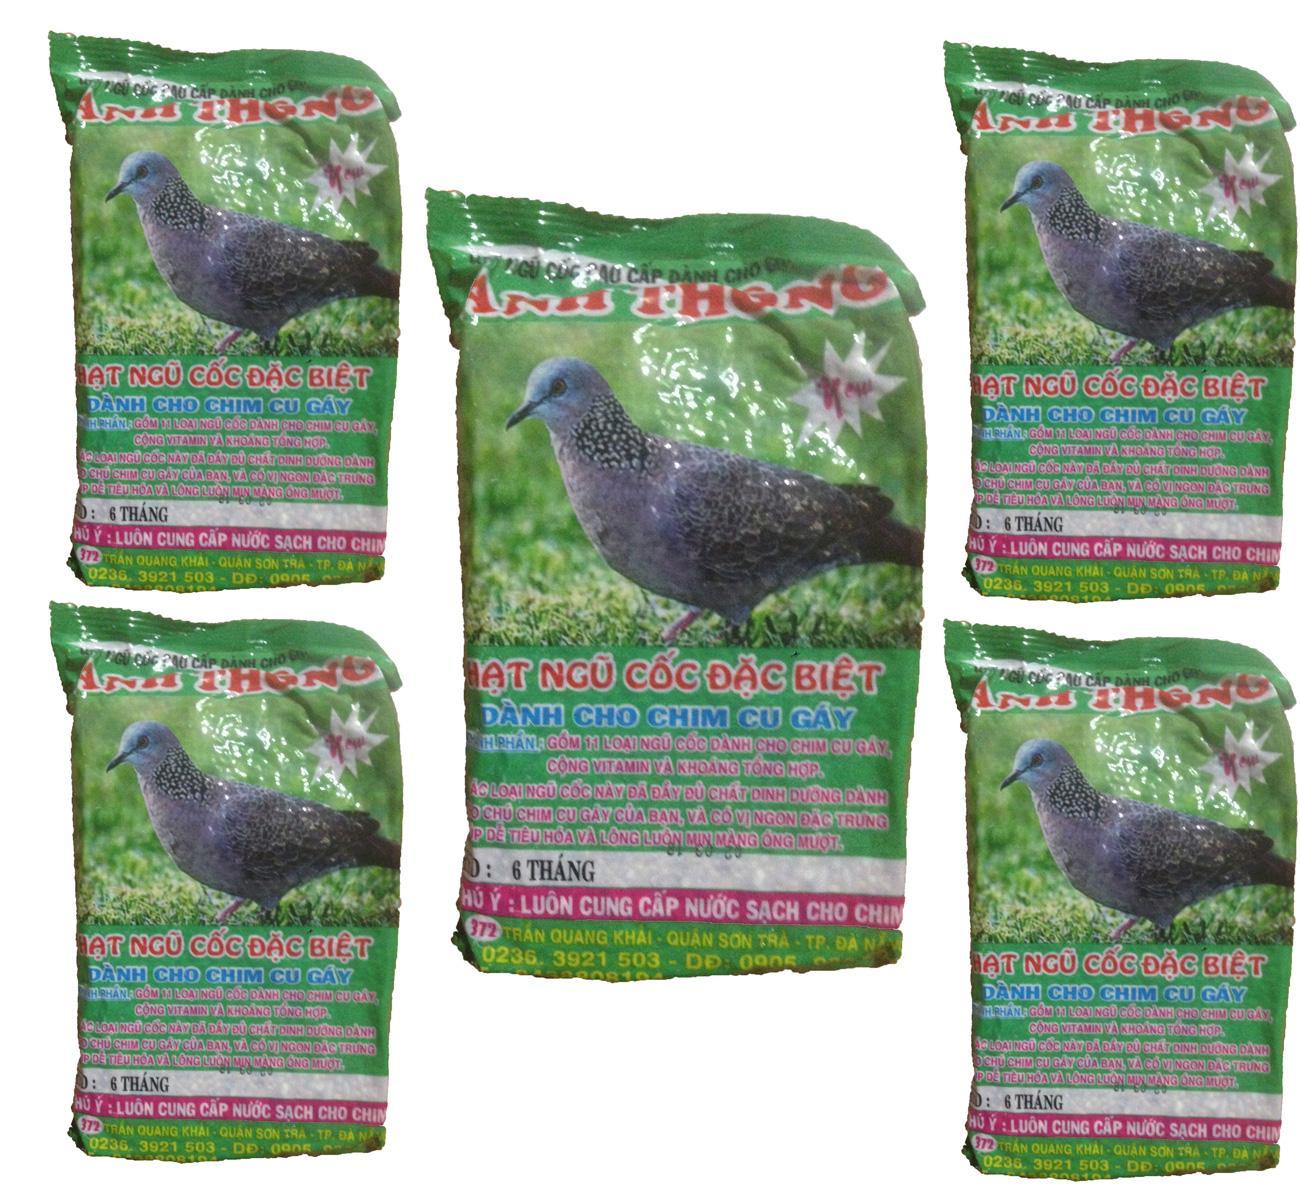 Combo 5 Gói Hạt Ngũ Cốc Chim Cu Gáy Anh Thông 300g - Thức Ăn Chim By Basi.